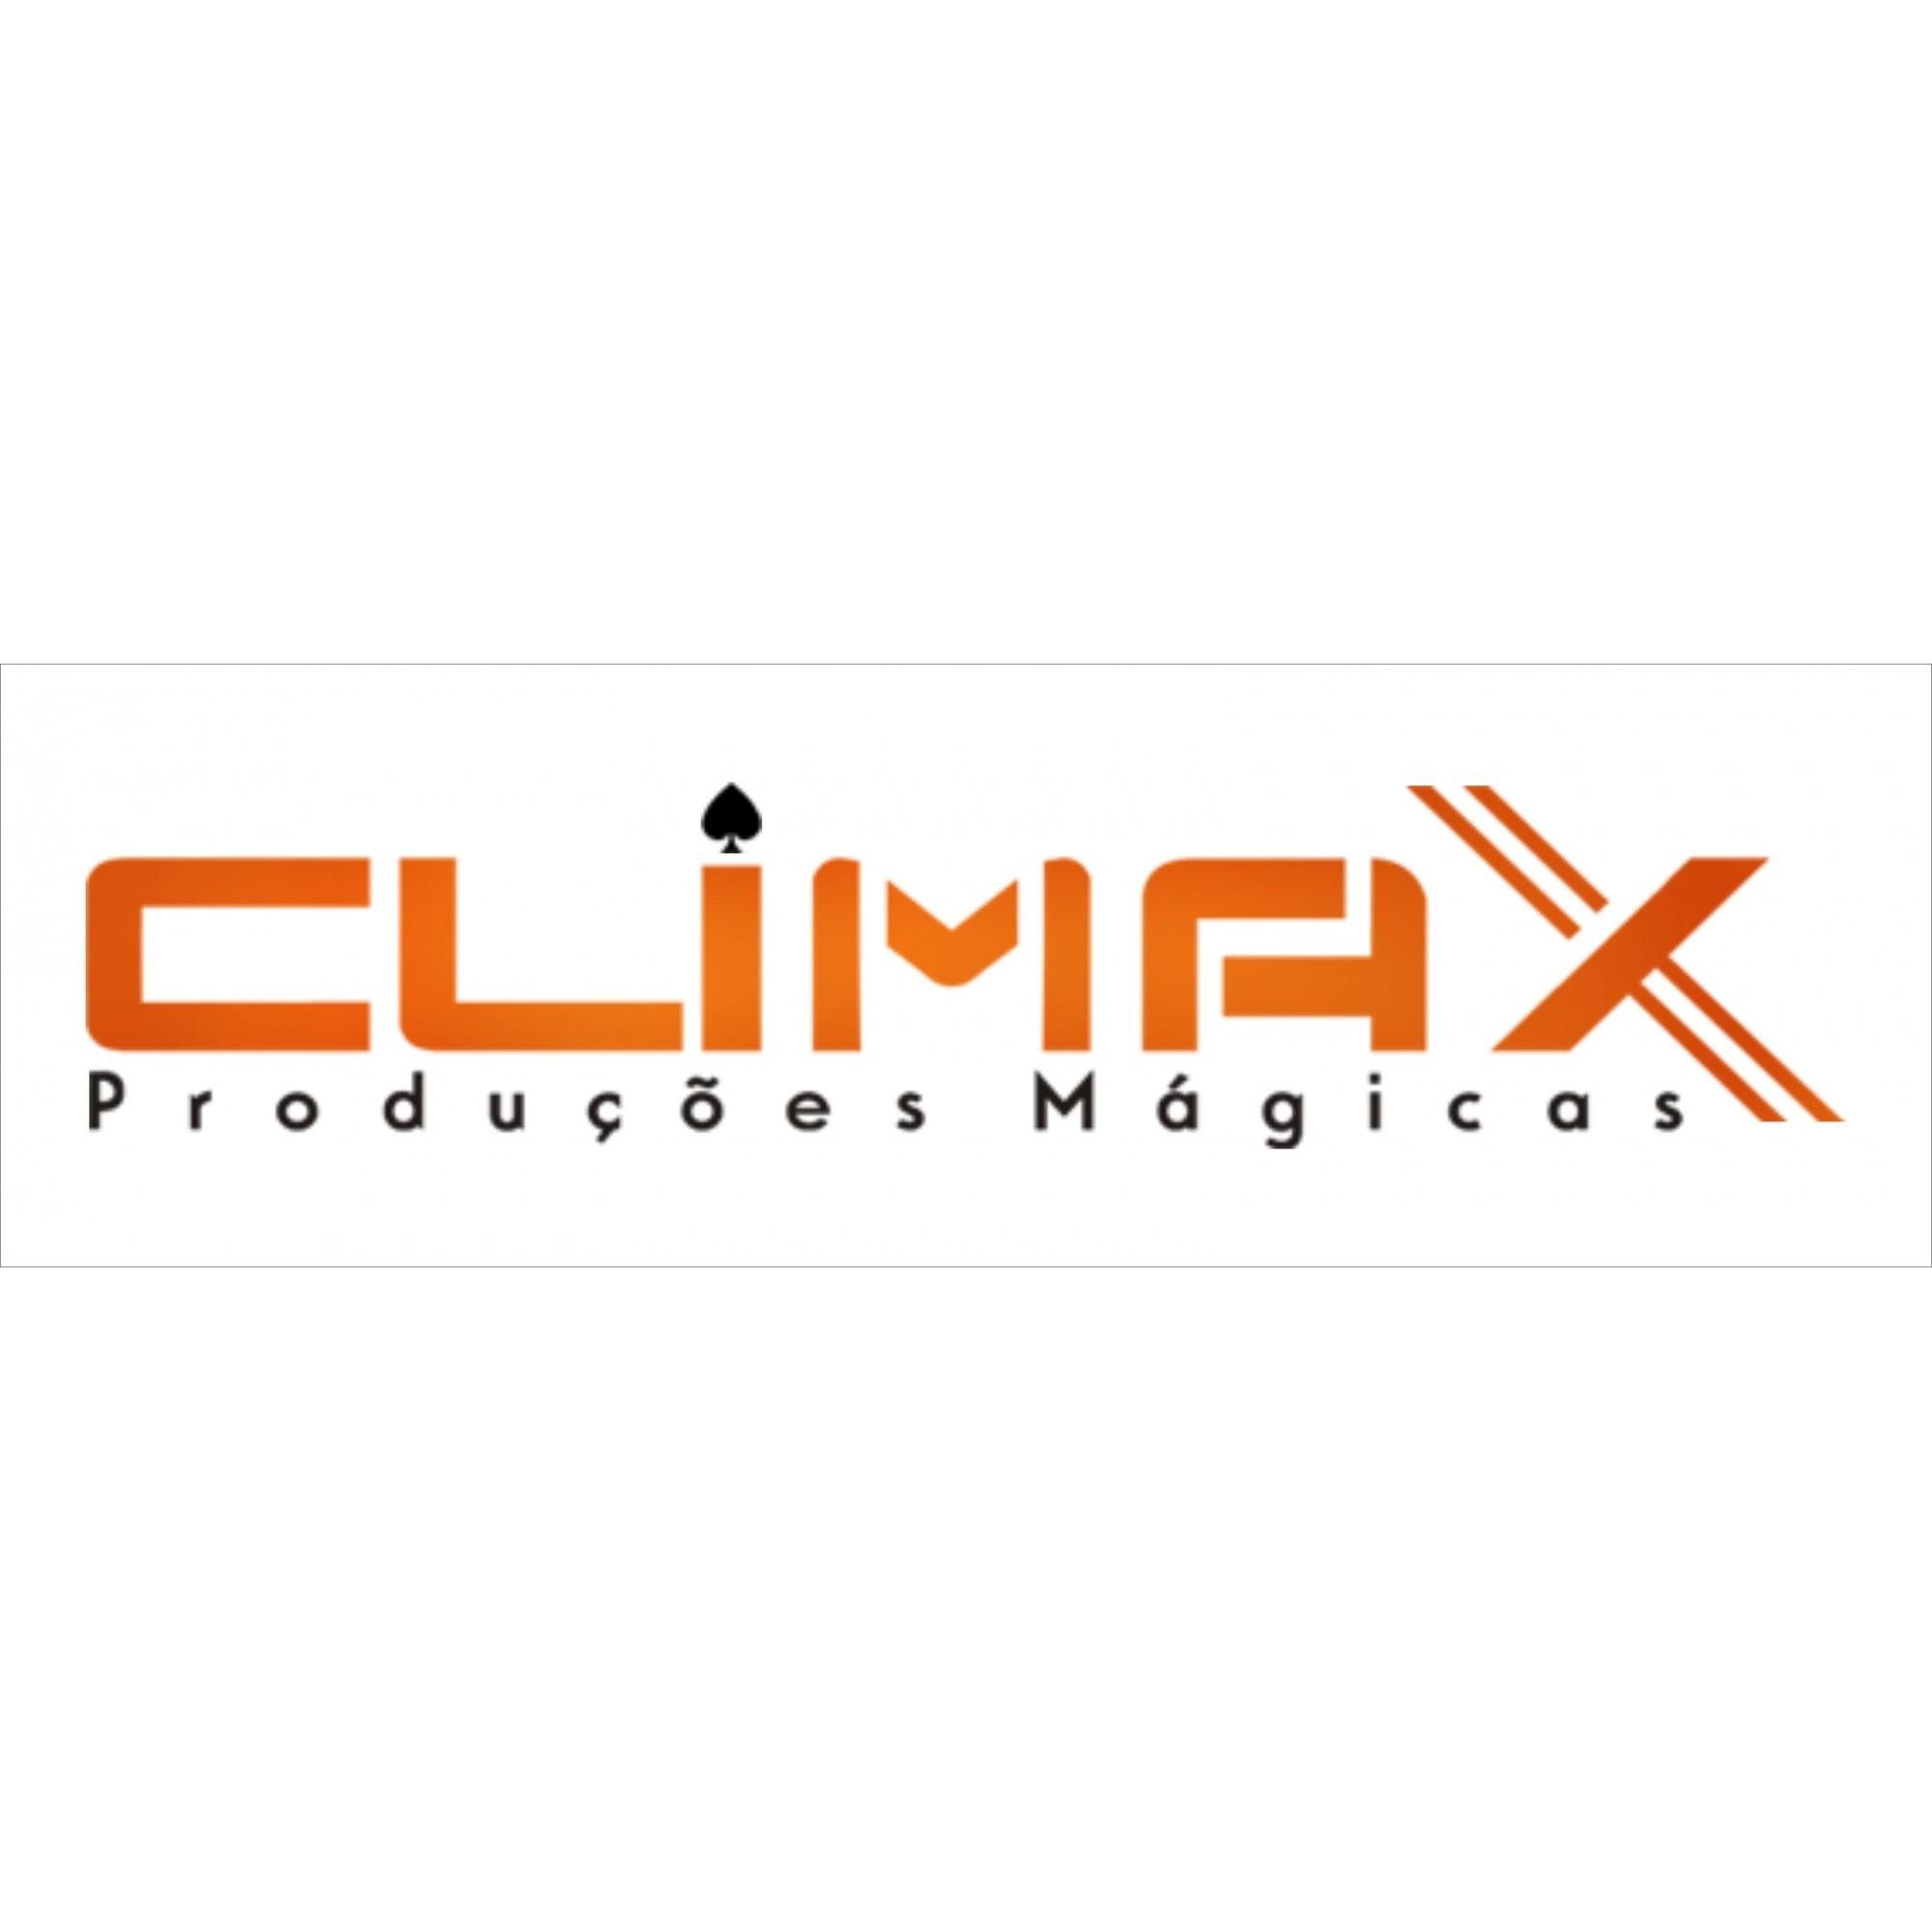 Conteudo climax